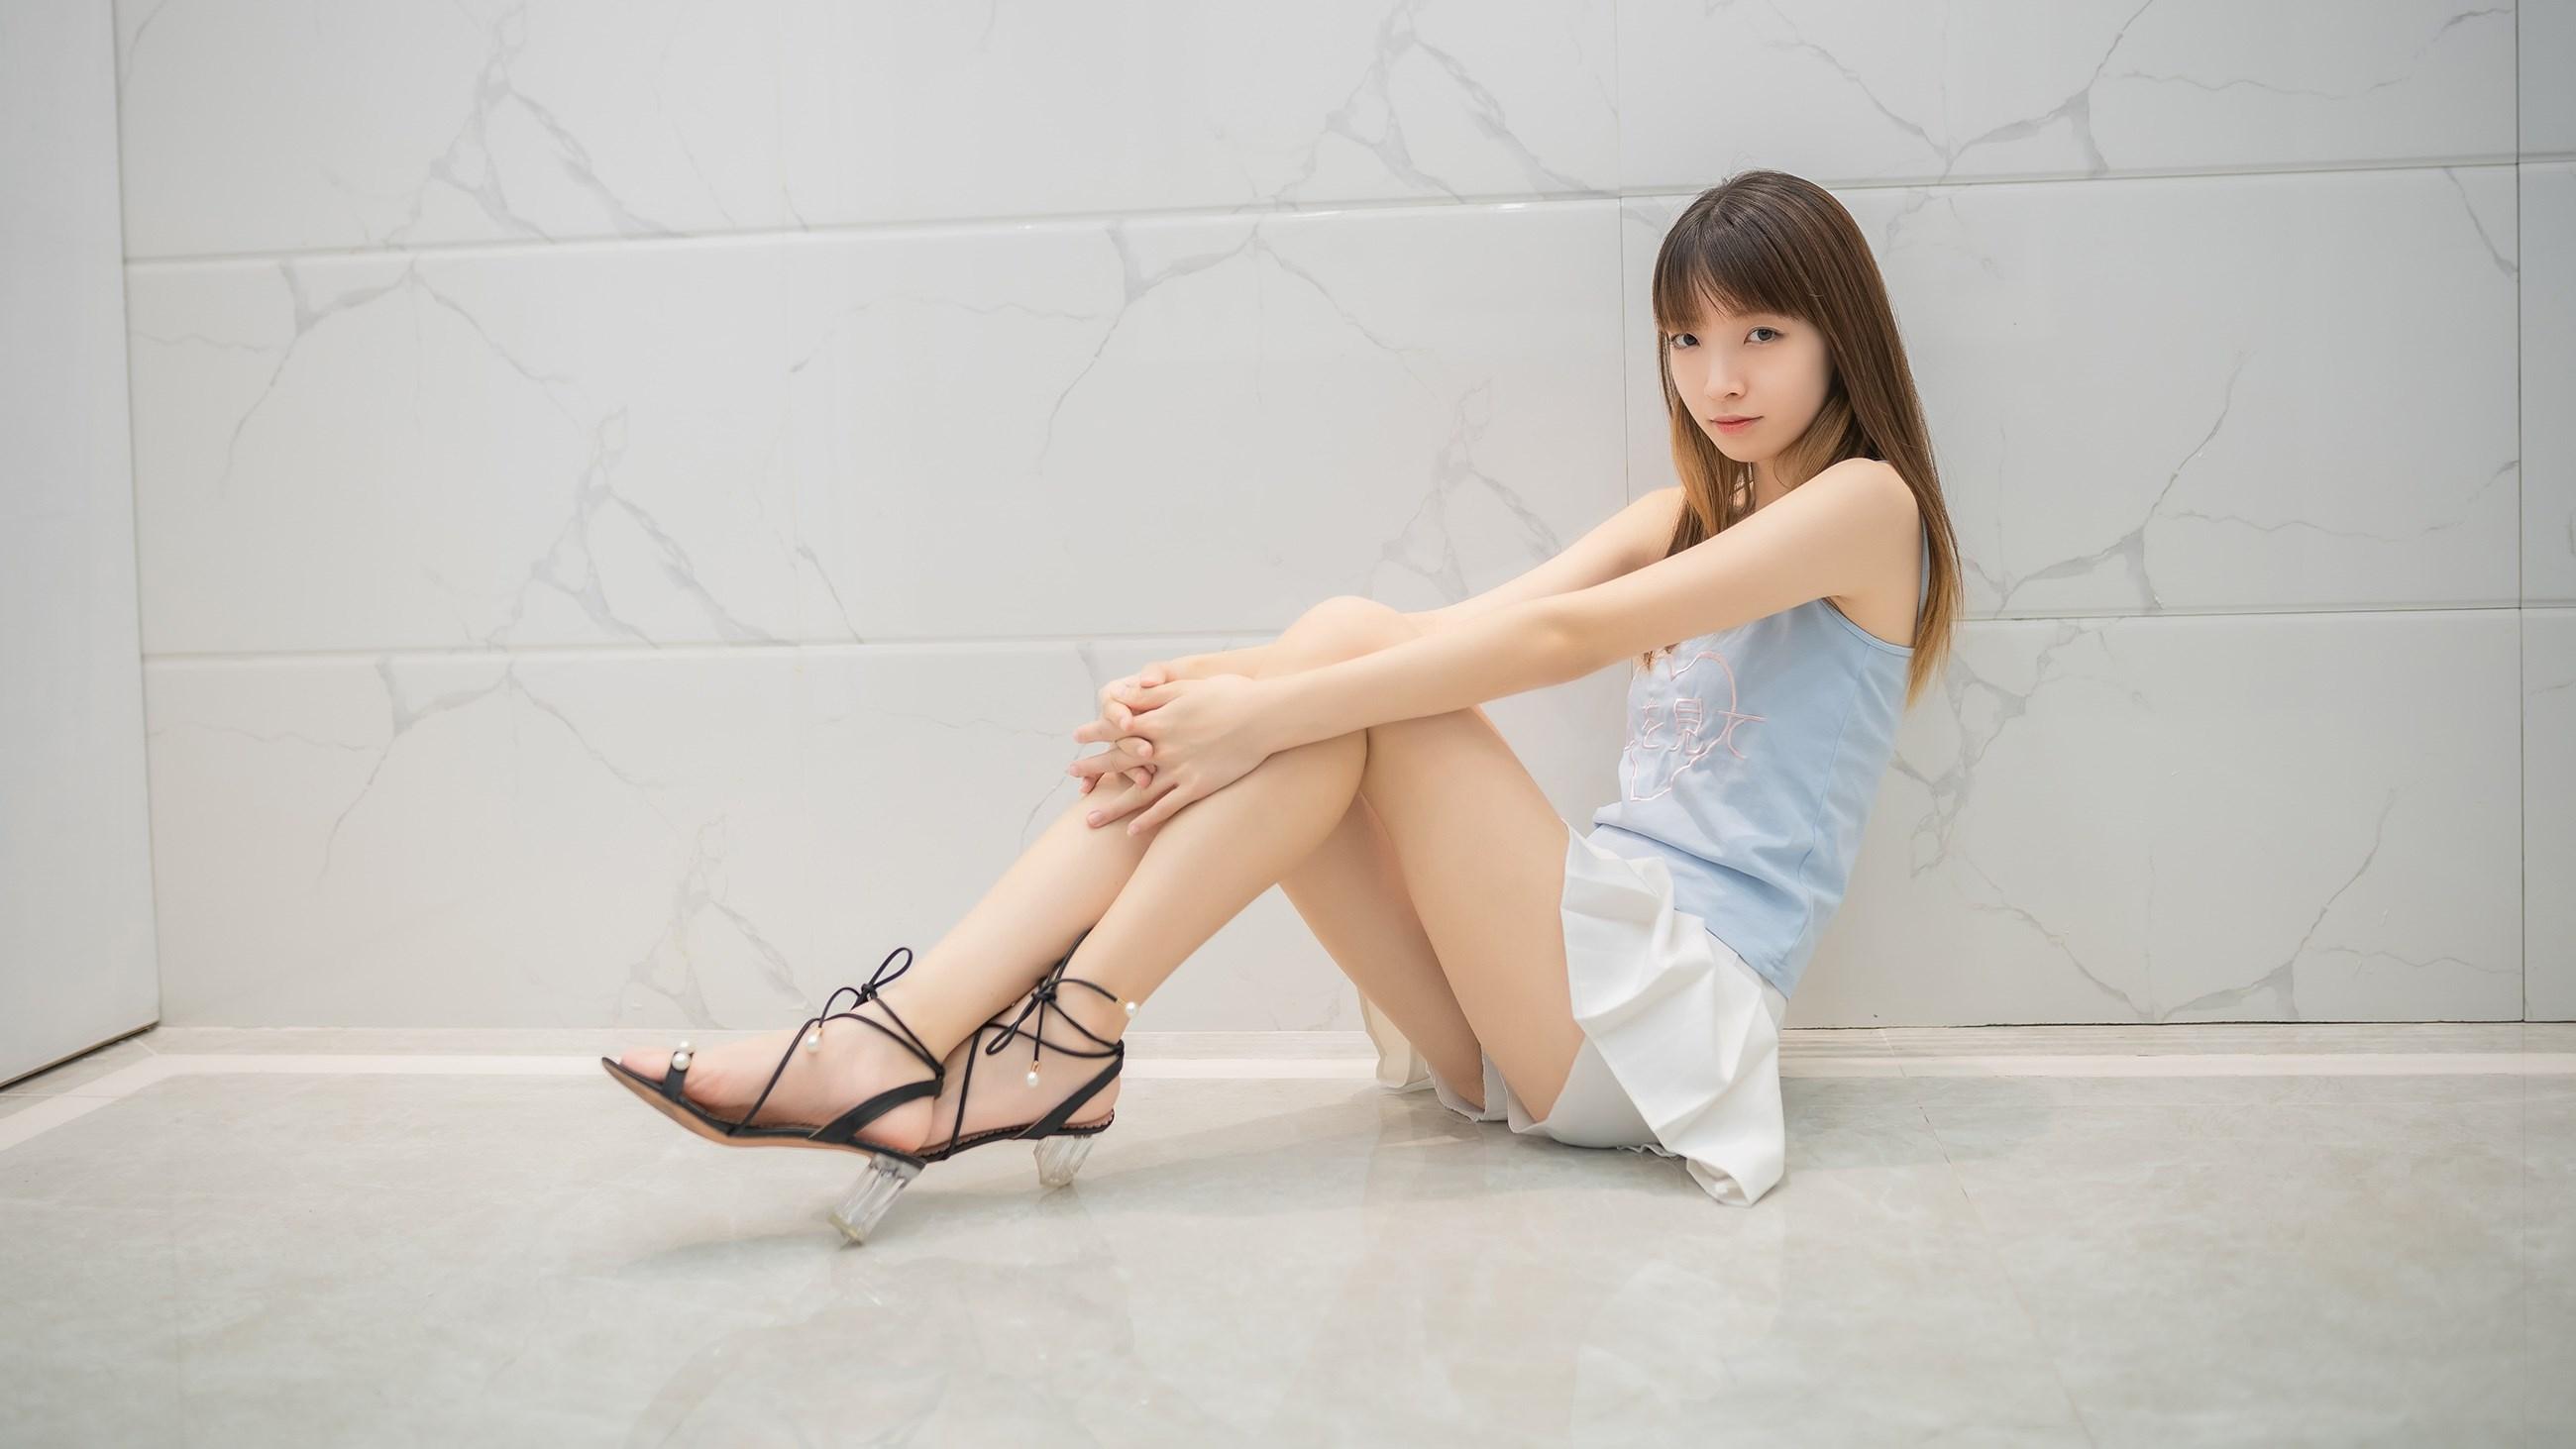 【兔玩映画】白裙果腿少女 兔玩映画 第20张